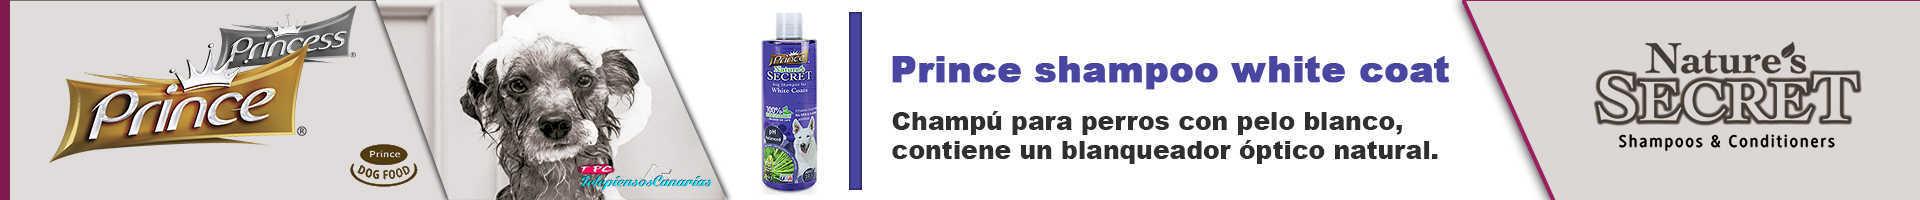 Prince champú pelo blanco para perros, 100% biodegradable